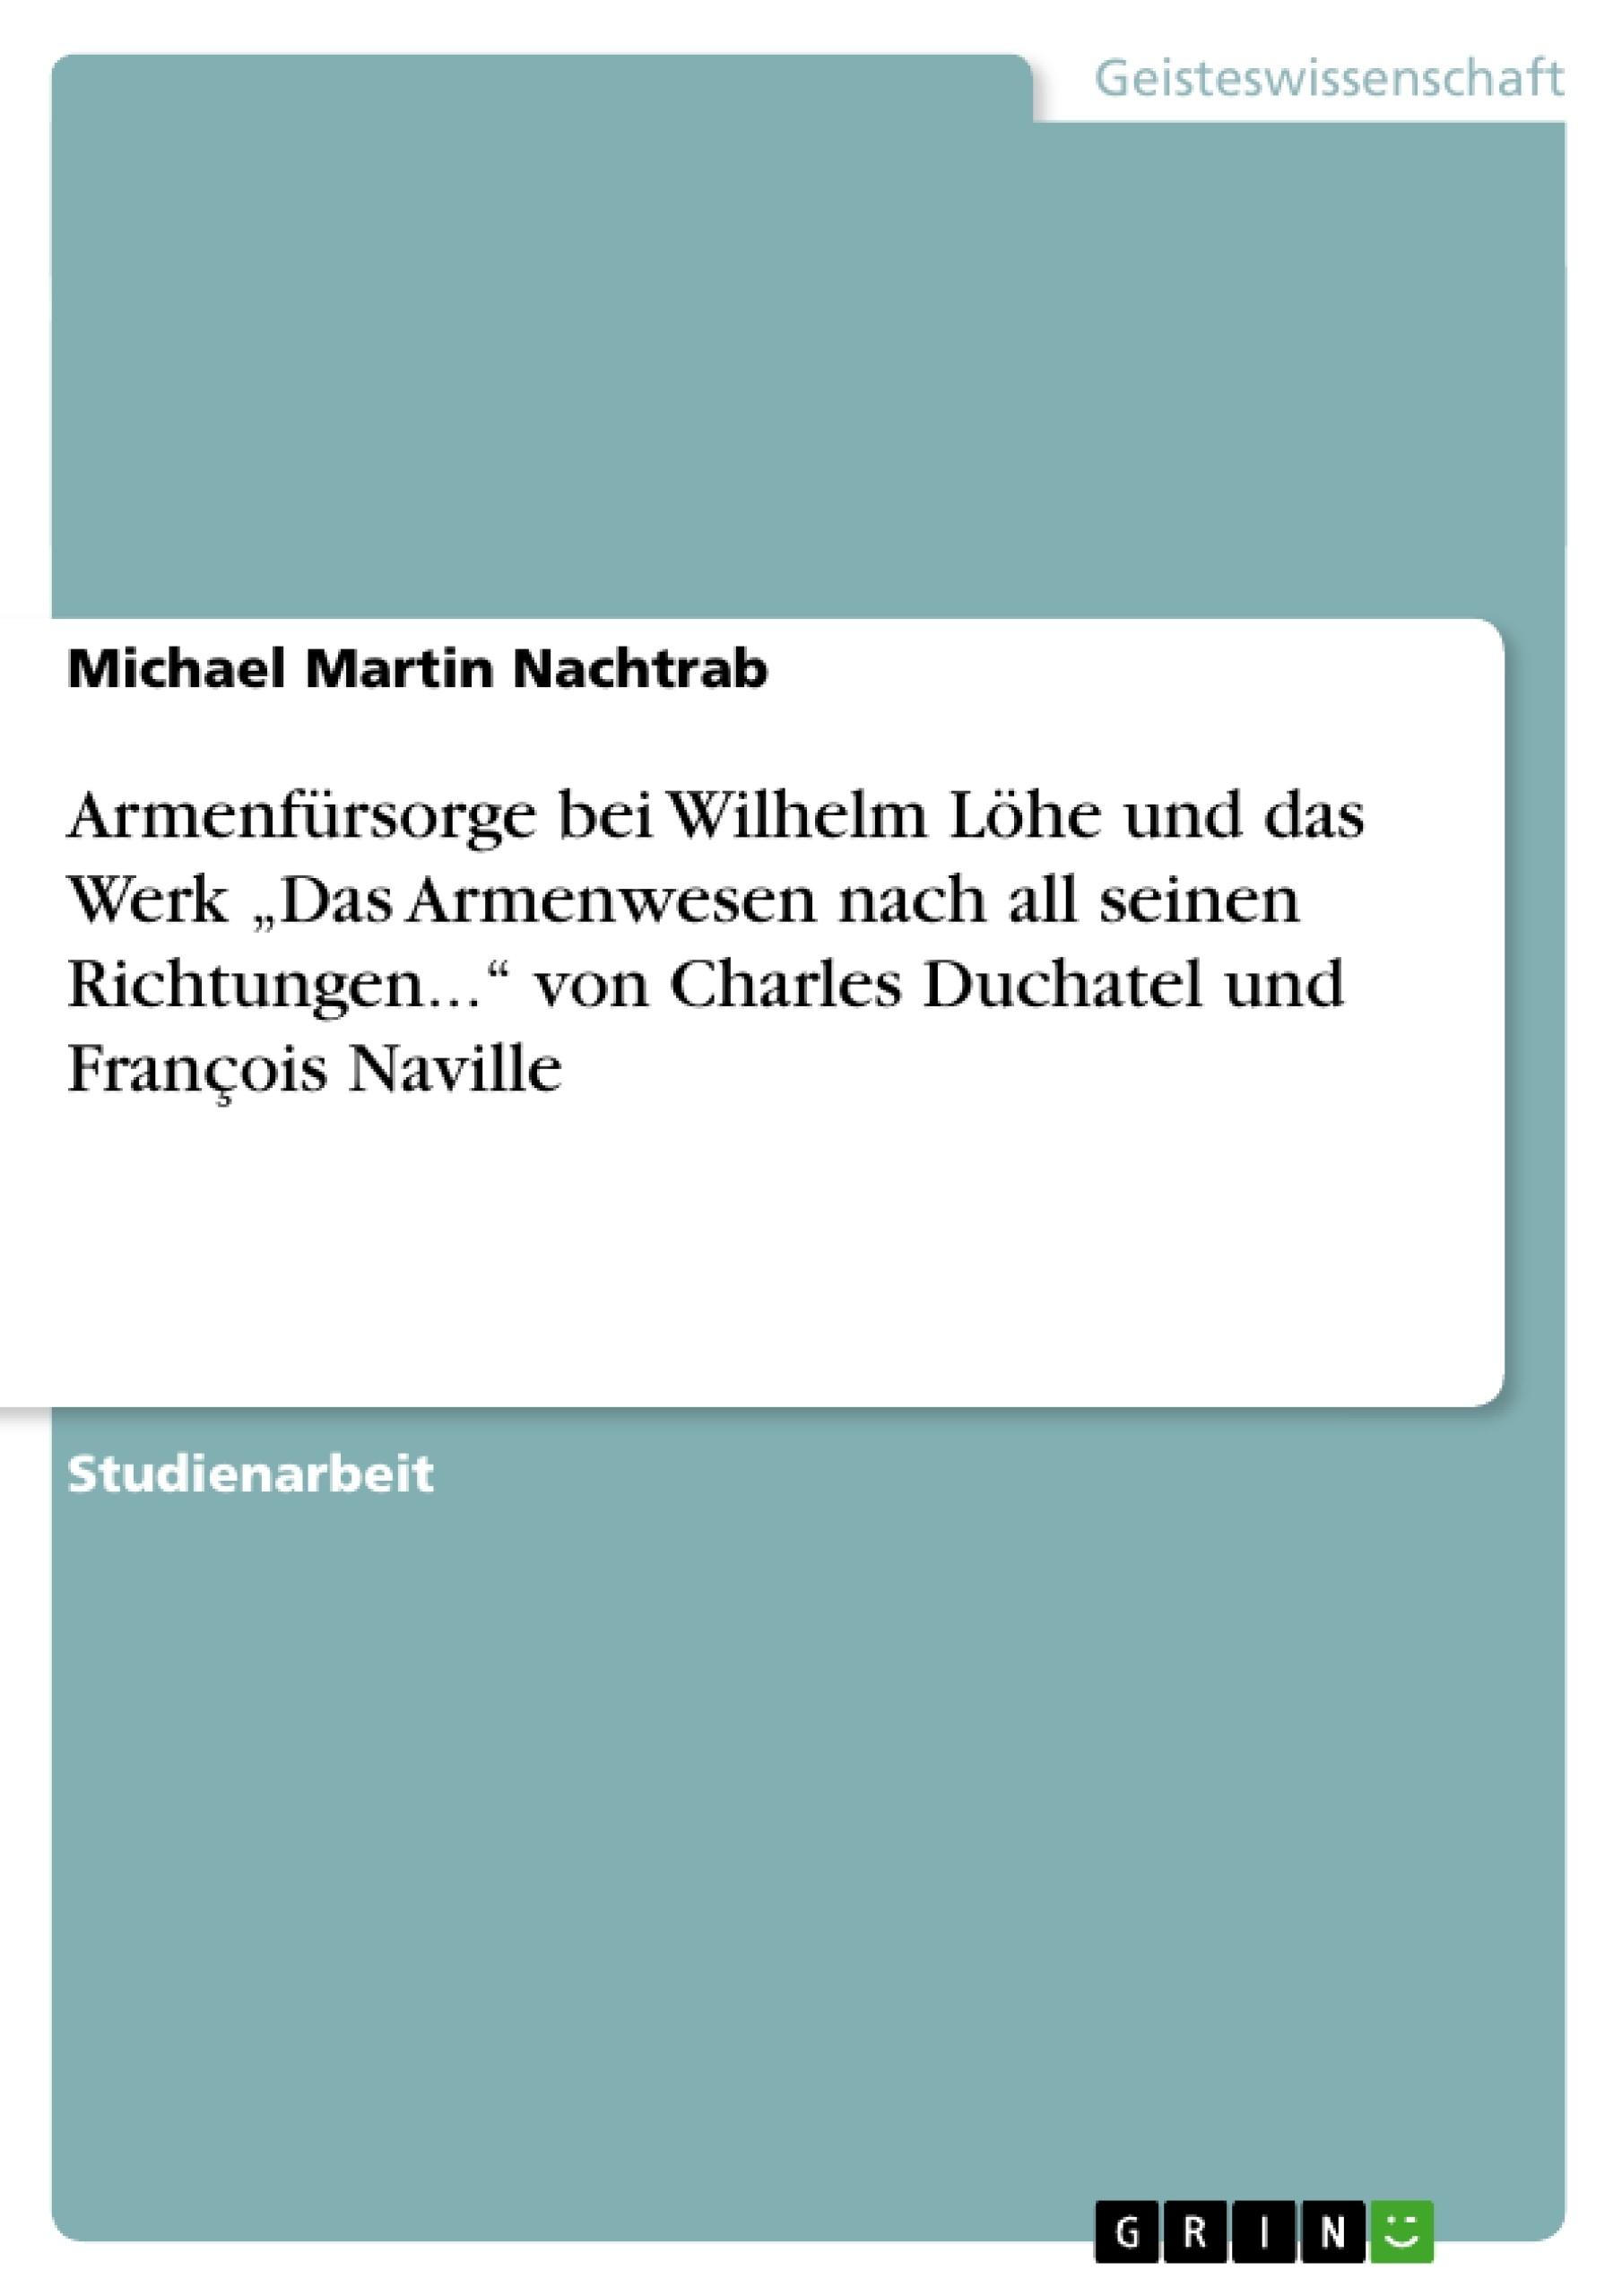 """Titel: Armenfürsorge bei Wilhelm Löhe und das Werk """"Das Armenwesen nach all seinen Richtungen..."""" von Charles Duchatel und François Naville"""